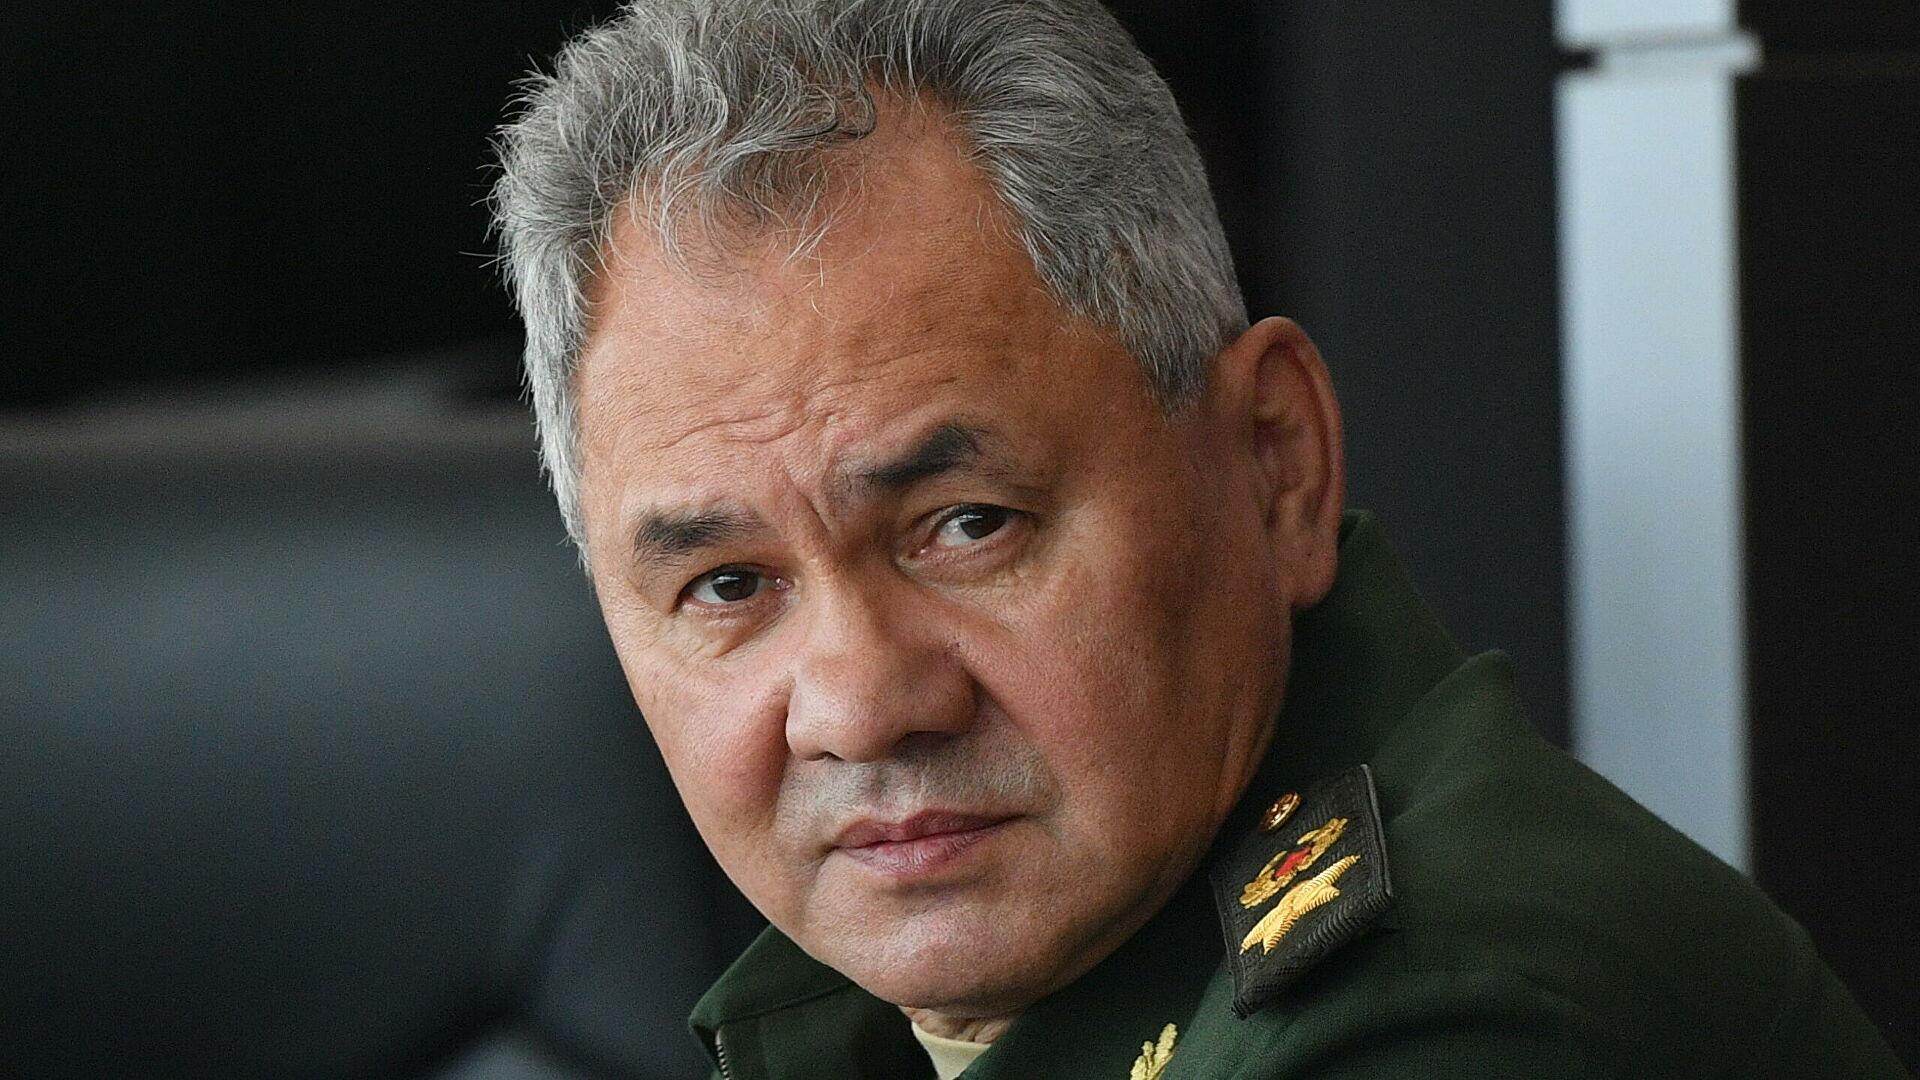 Шојгу: НАТО на Русију гледа као на своју главну претњу и гради свој војни потенцијал на нашим границама